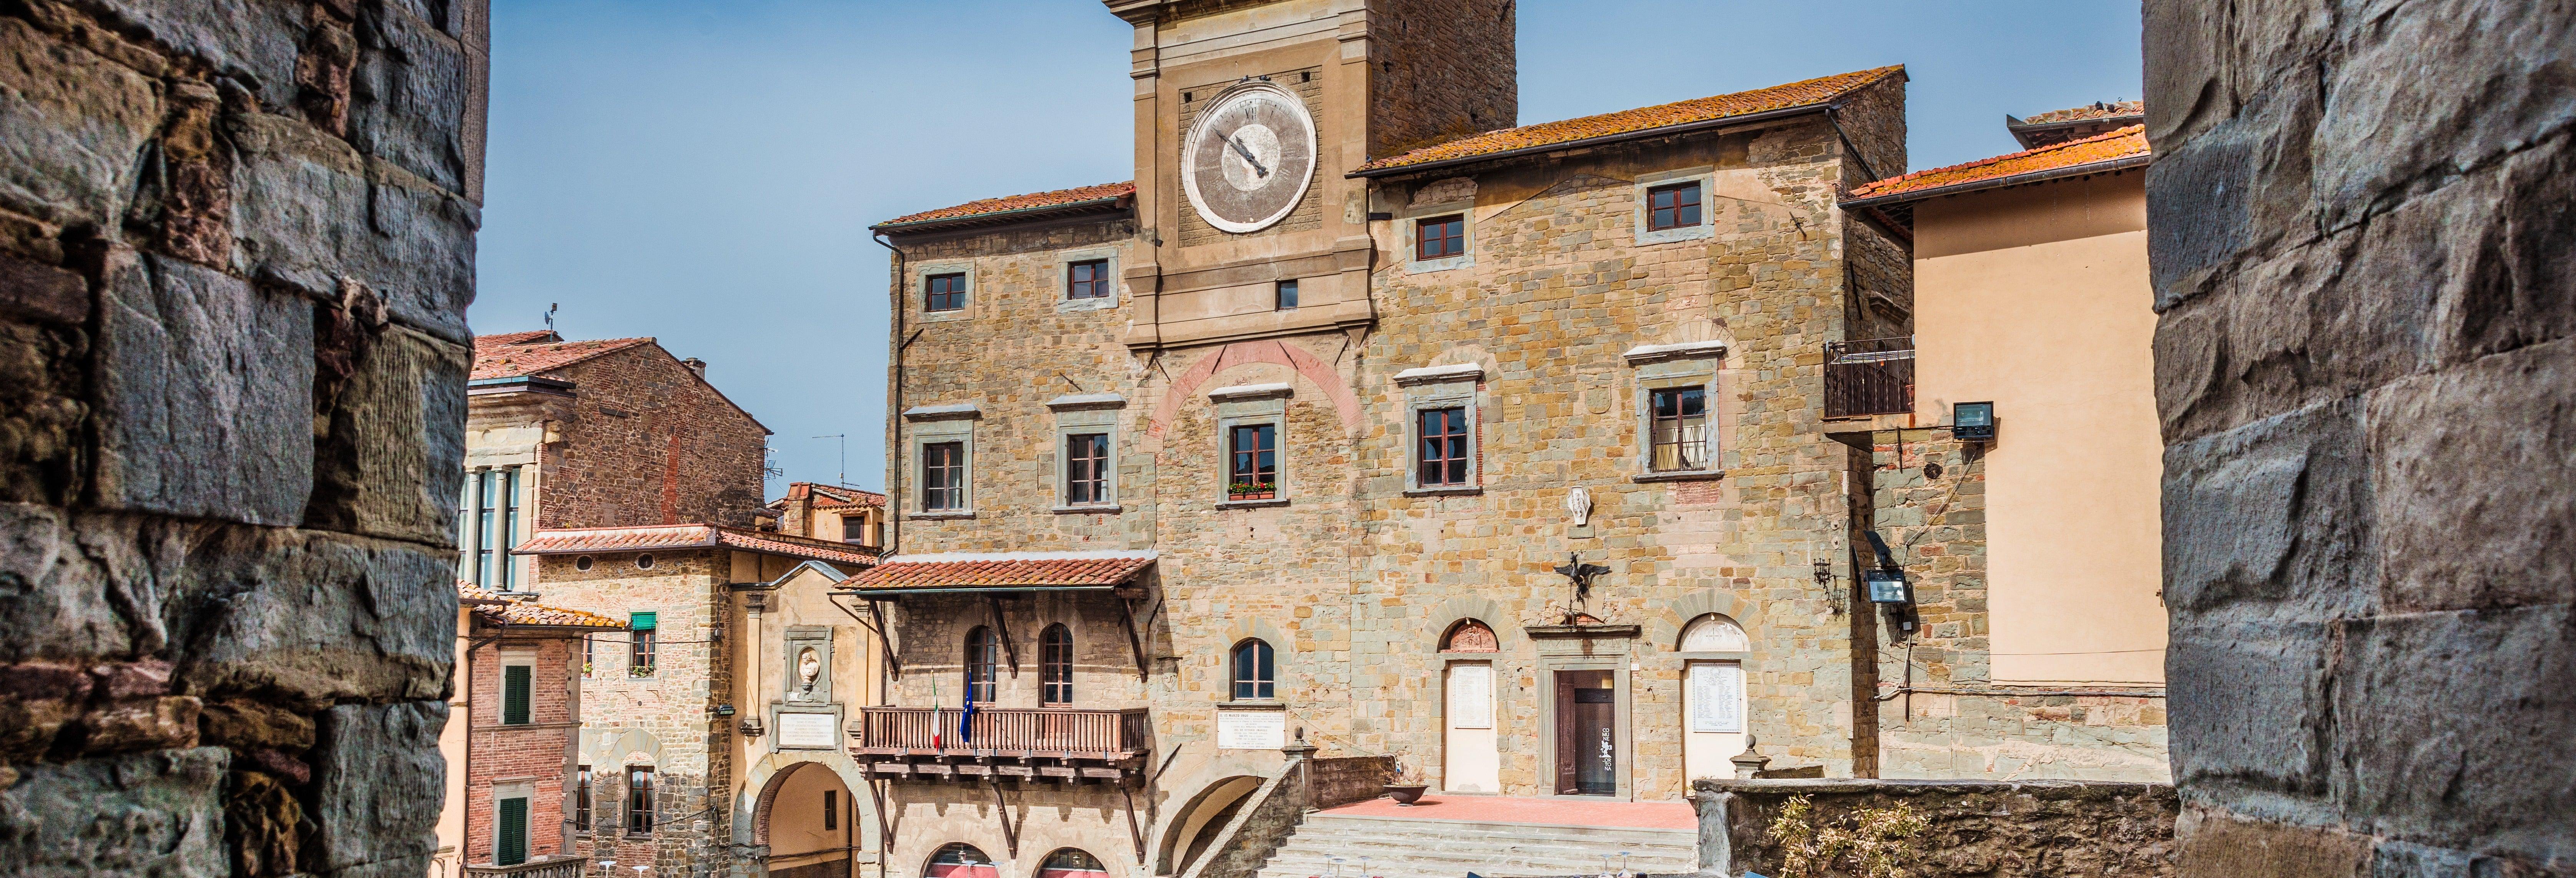 Excursion à Cortone et dans le Chianti